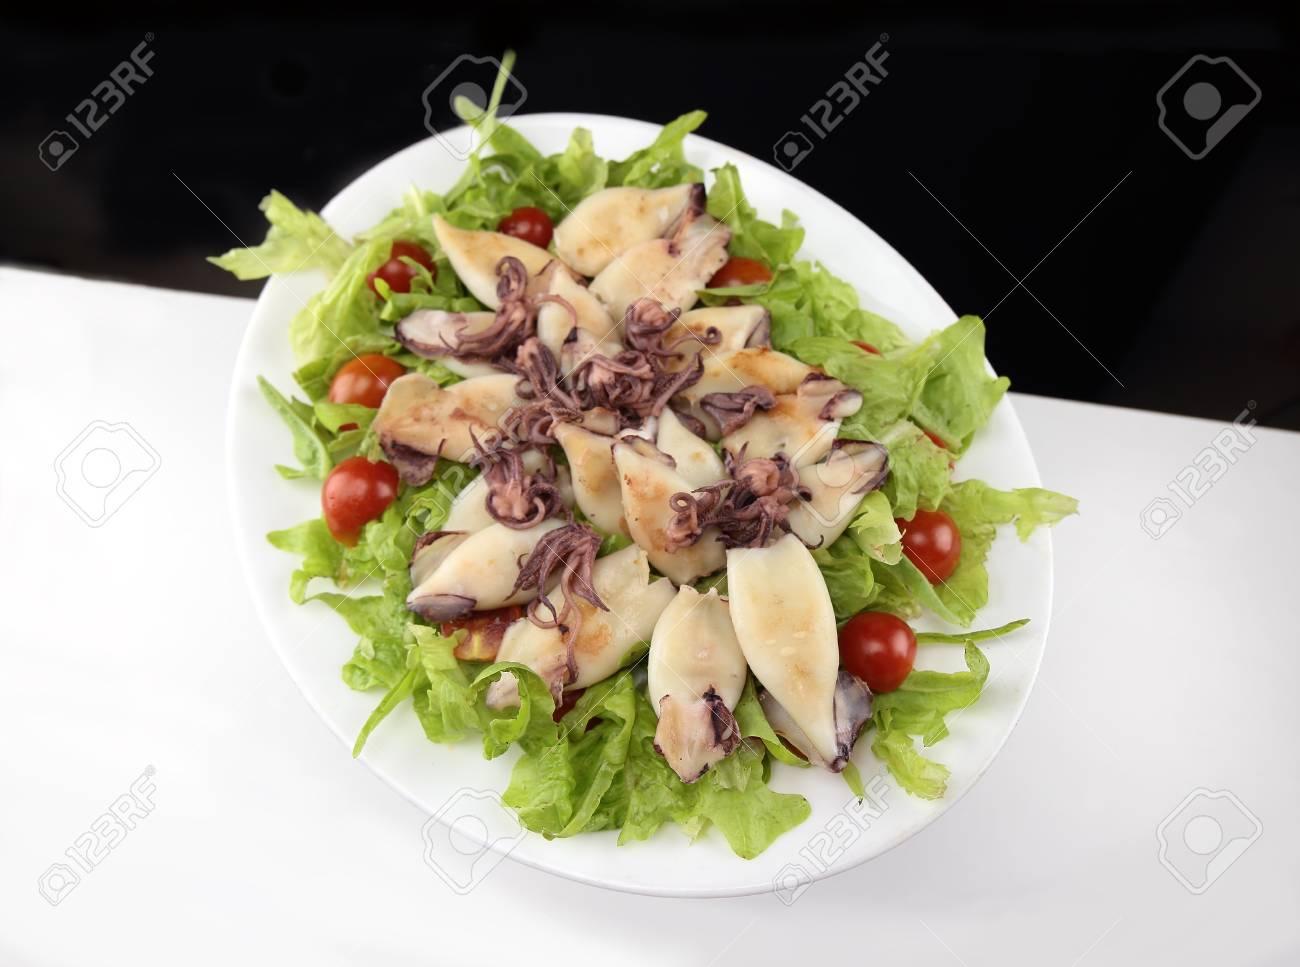 Close up of grilled calamari and green salad Stock Photo - 14254582